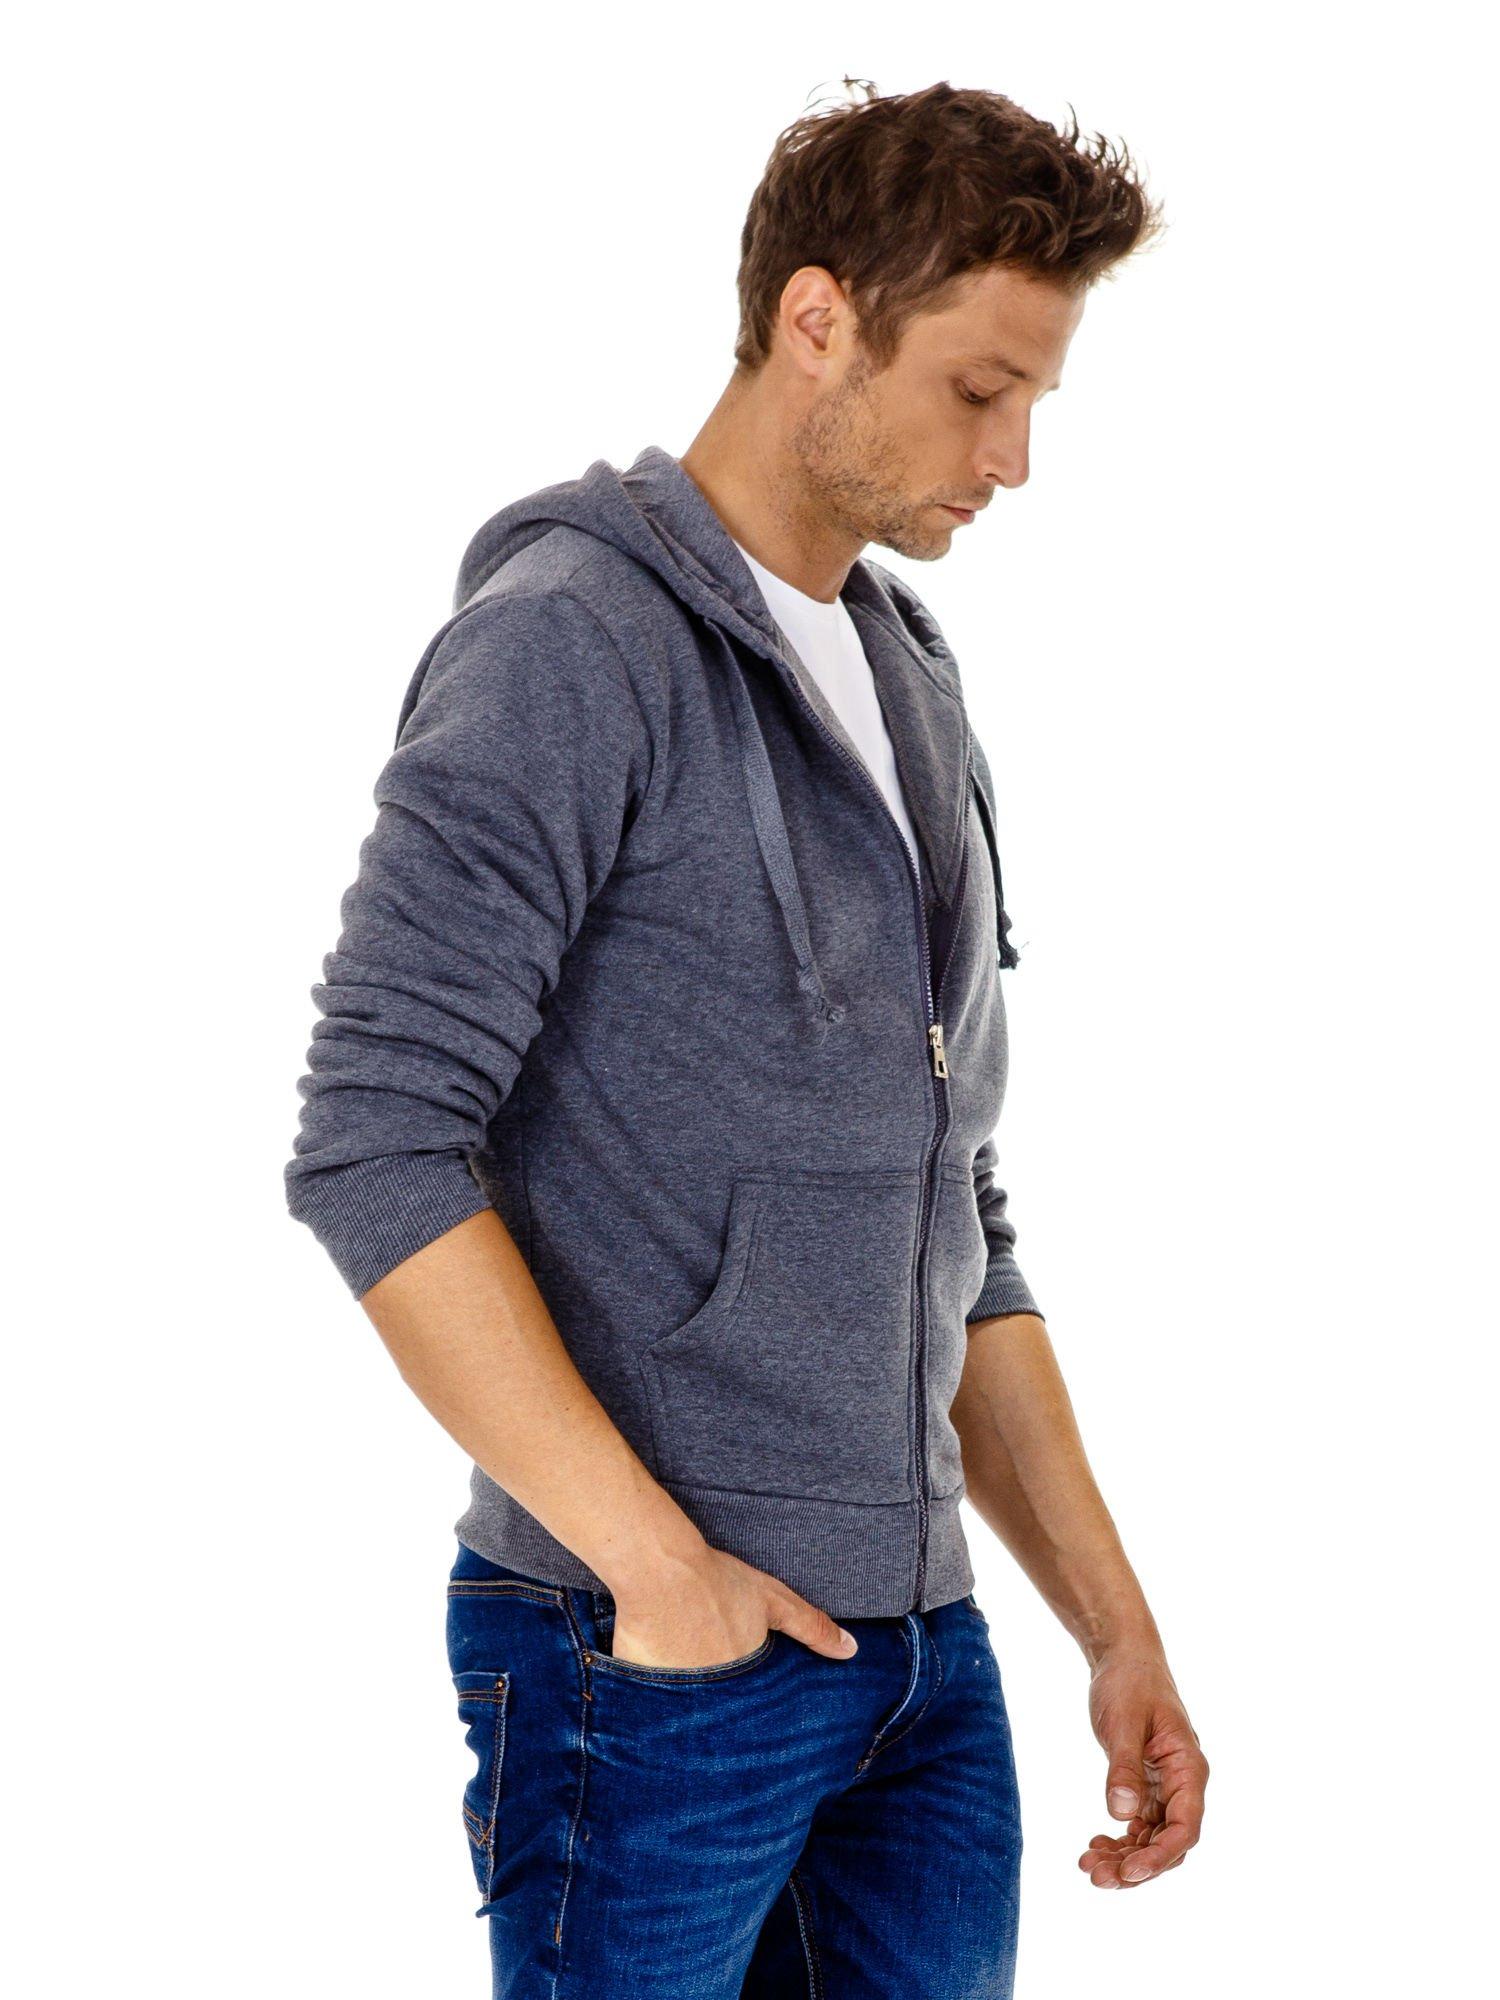 Ciemnoszara gruba bluza męska z kapturem i kieszeniami                                  zdj.                                  4